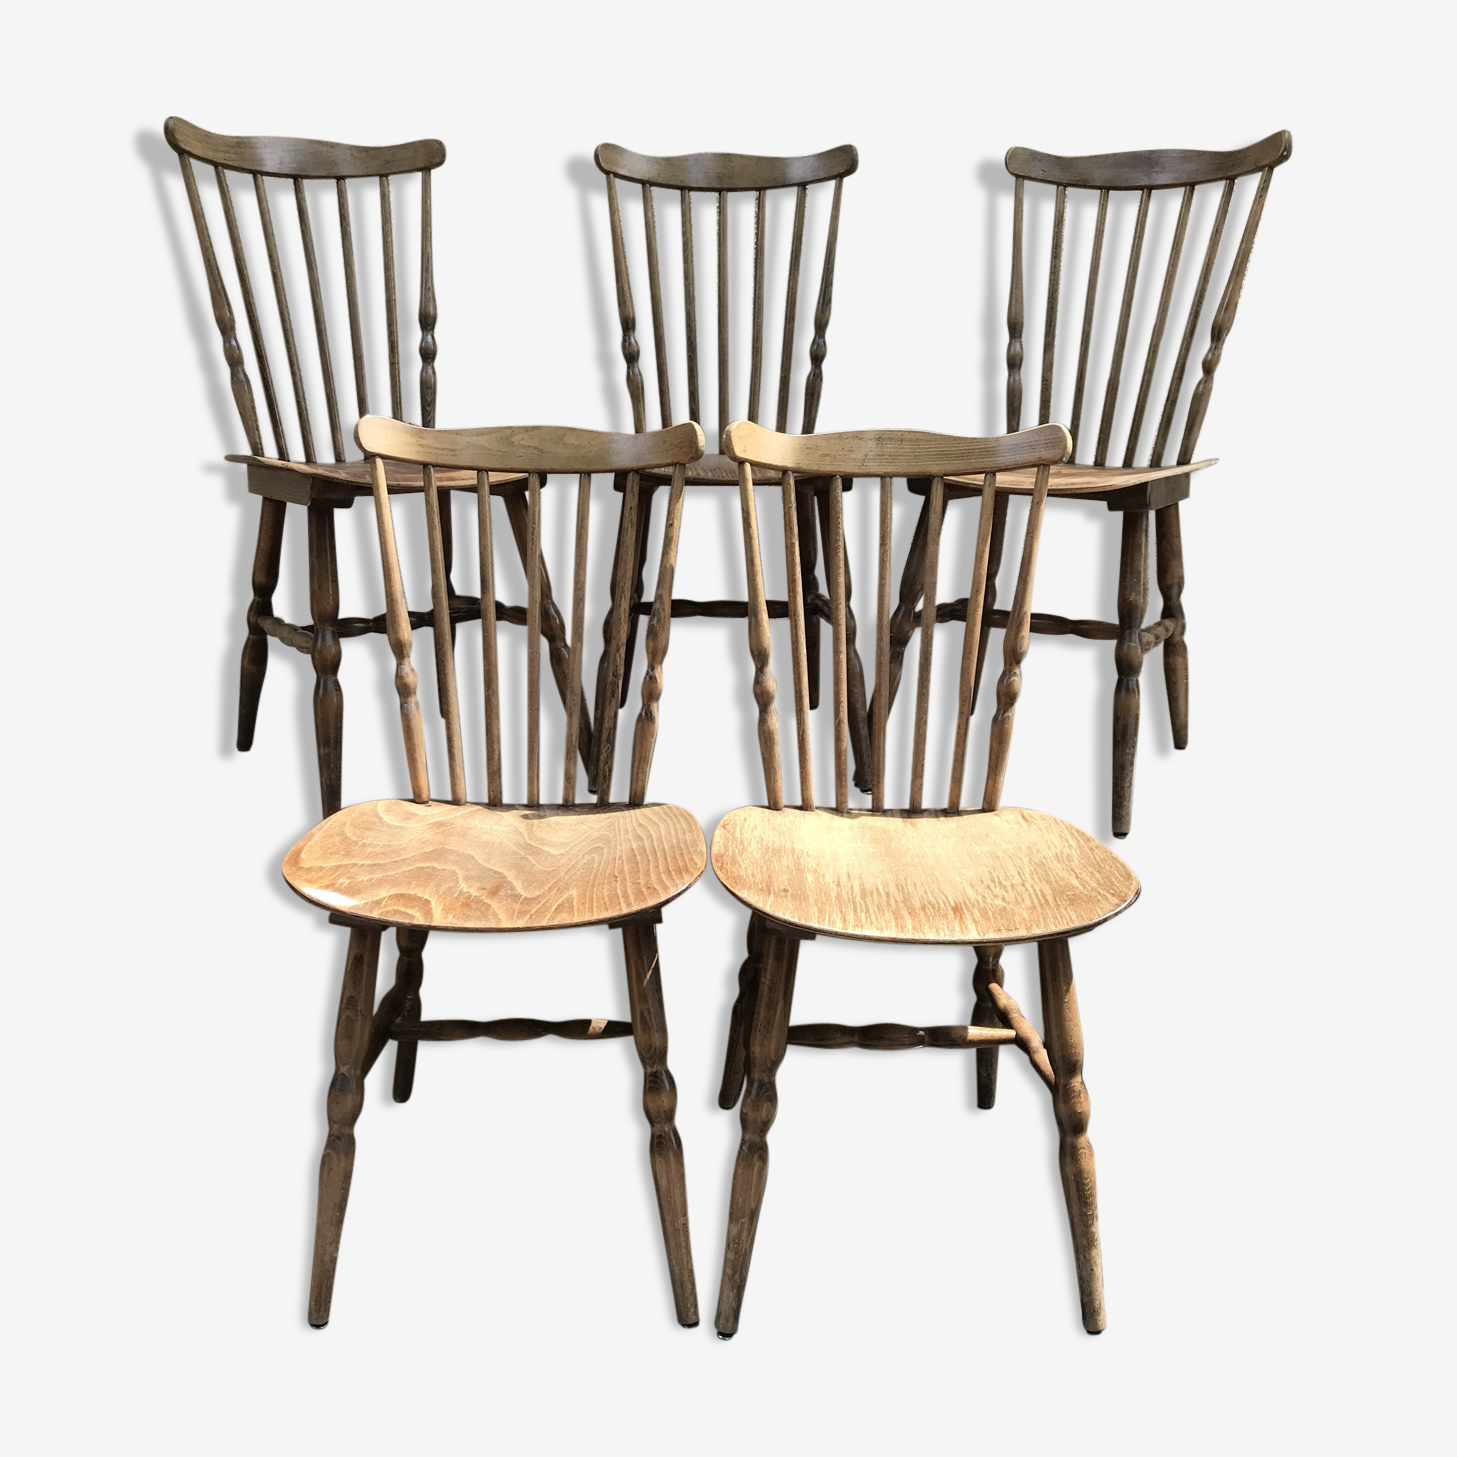 Série de 5 chaises anciennes signées Baumann années 70